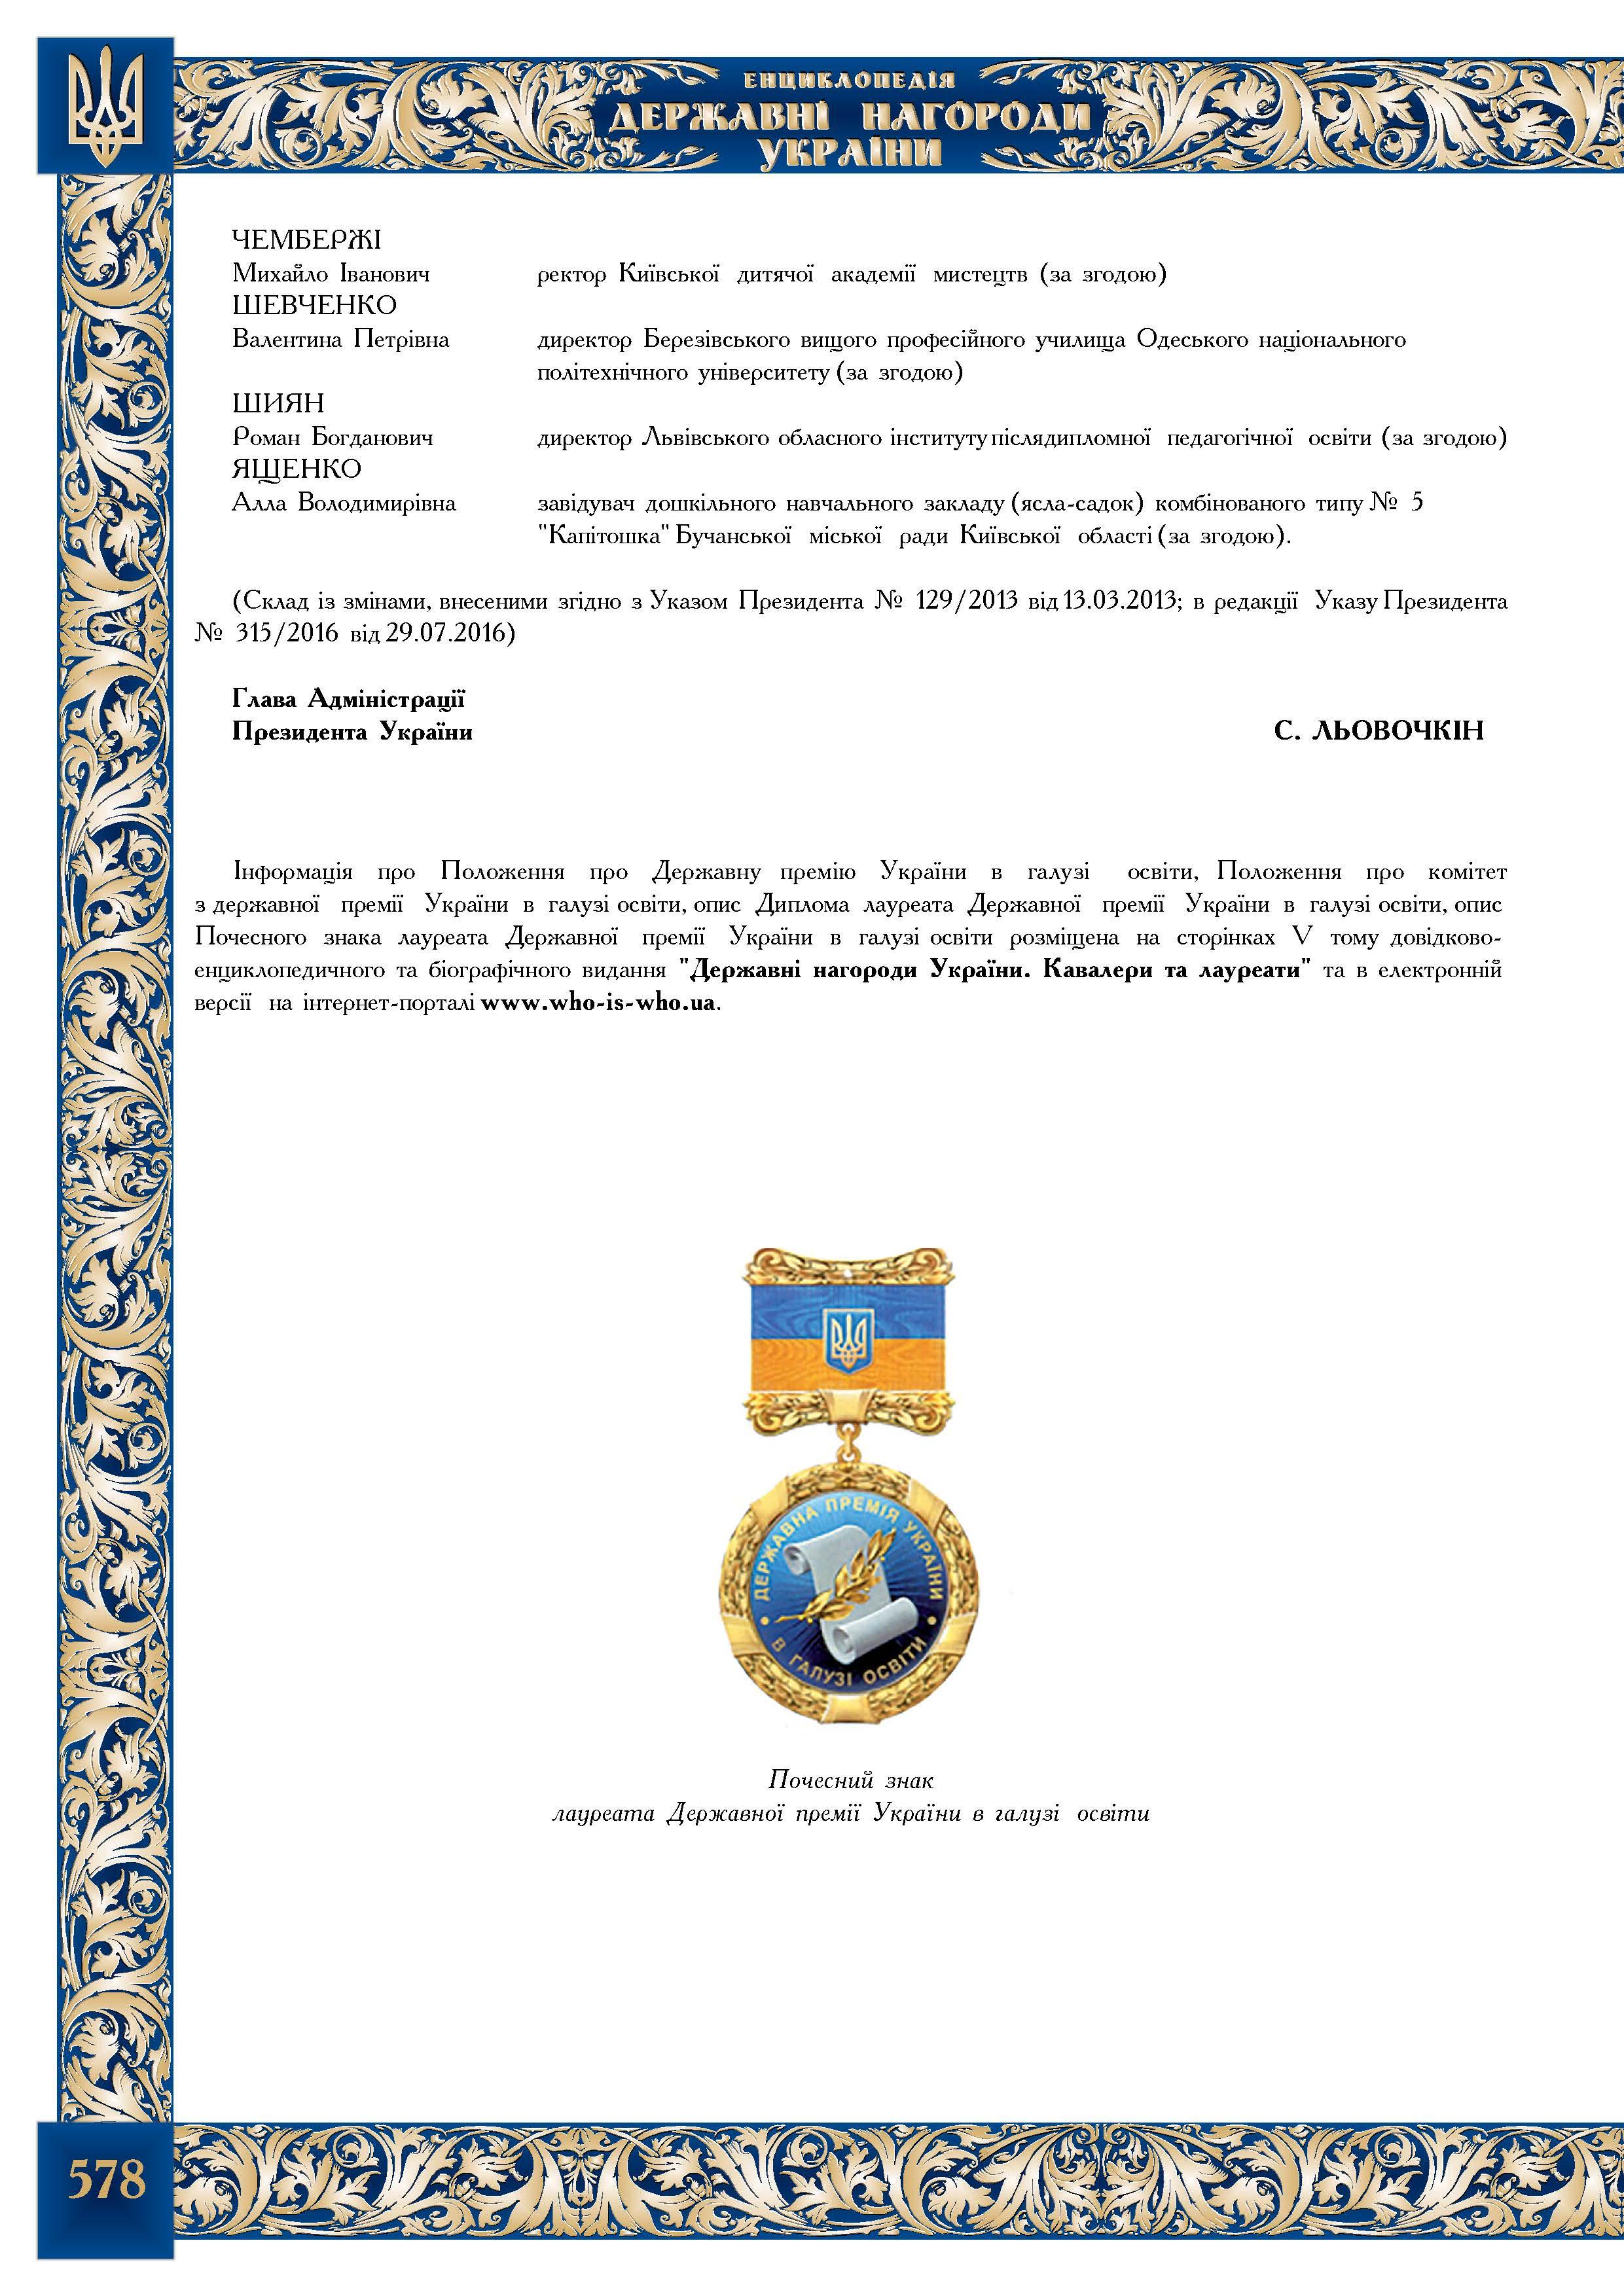 Державна премія України в галузі освіти